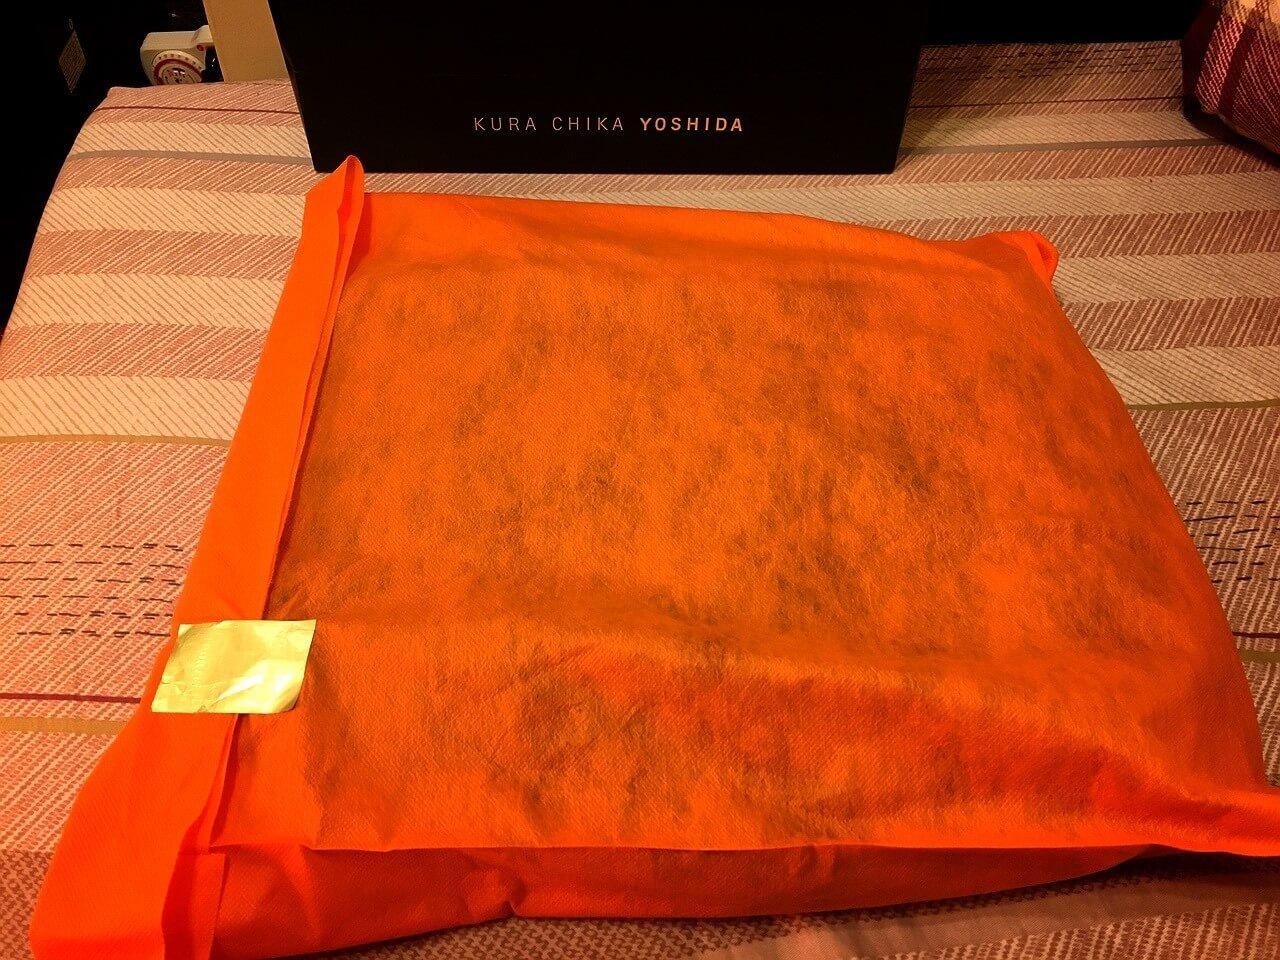 拿出提袋後,用一層橘色的不織布包覆著